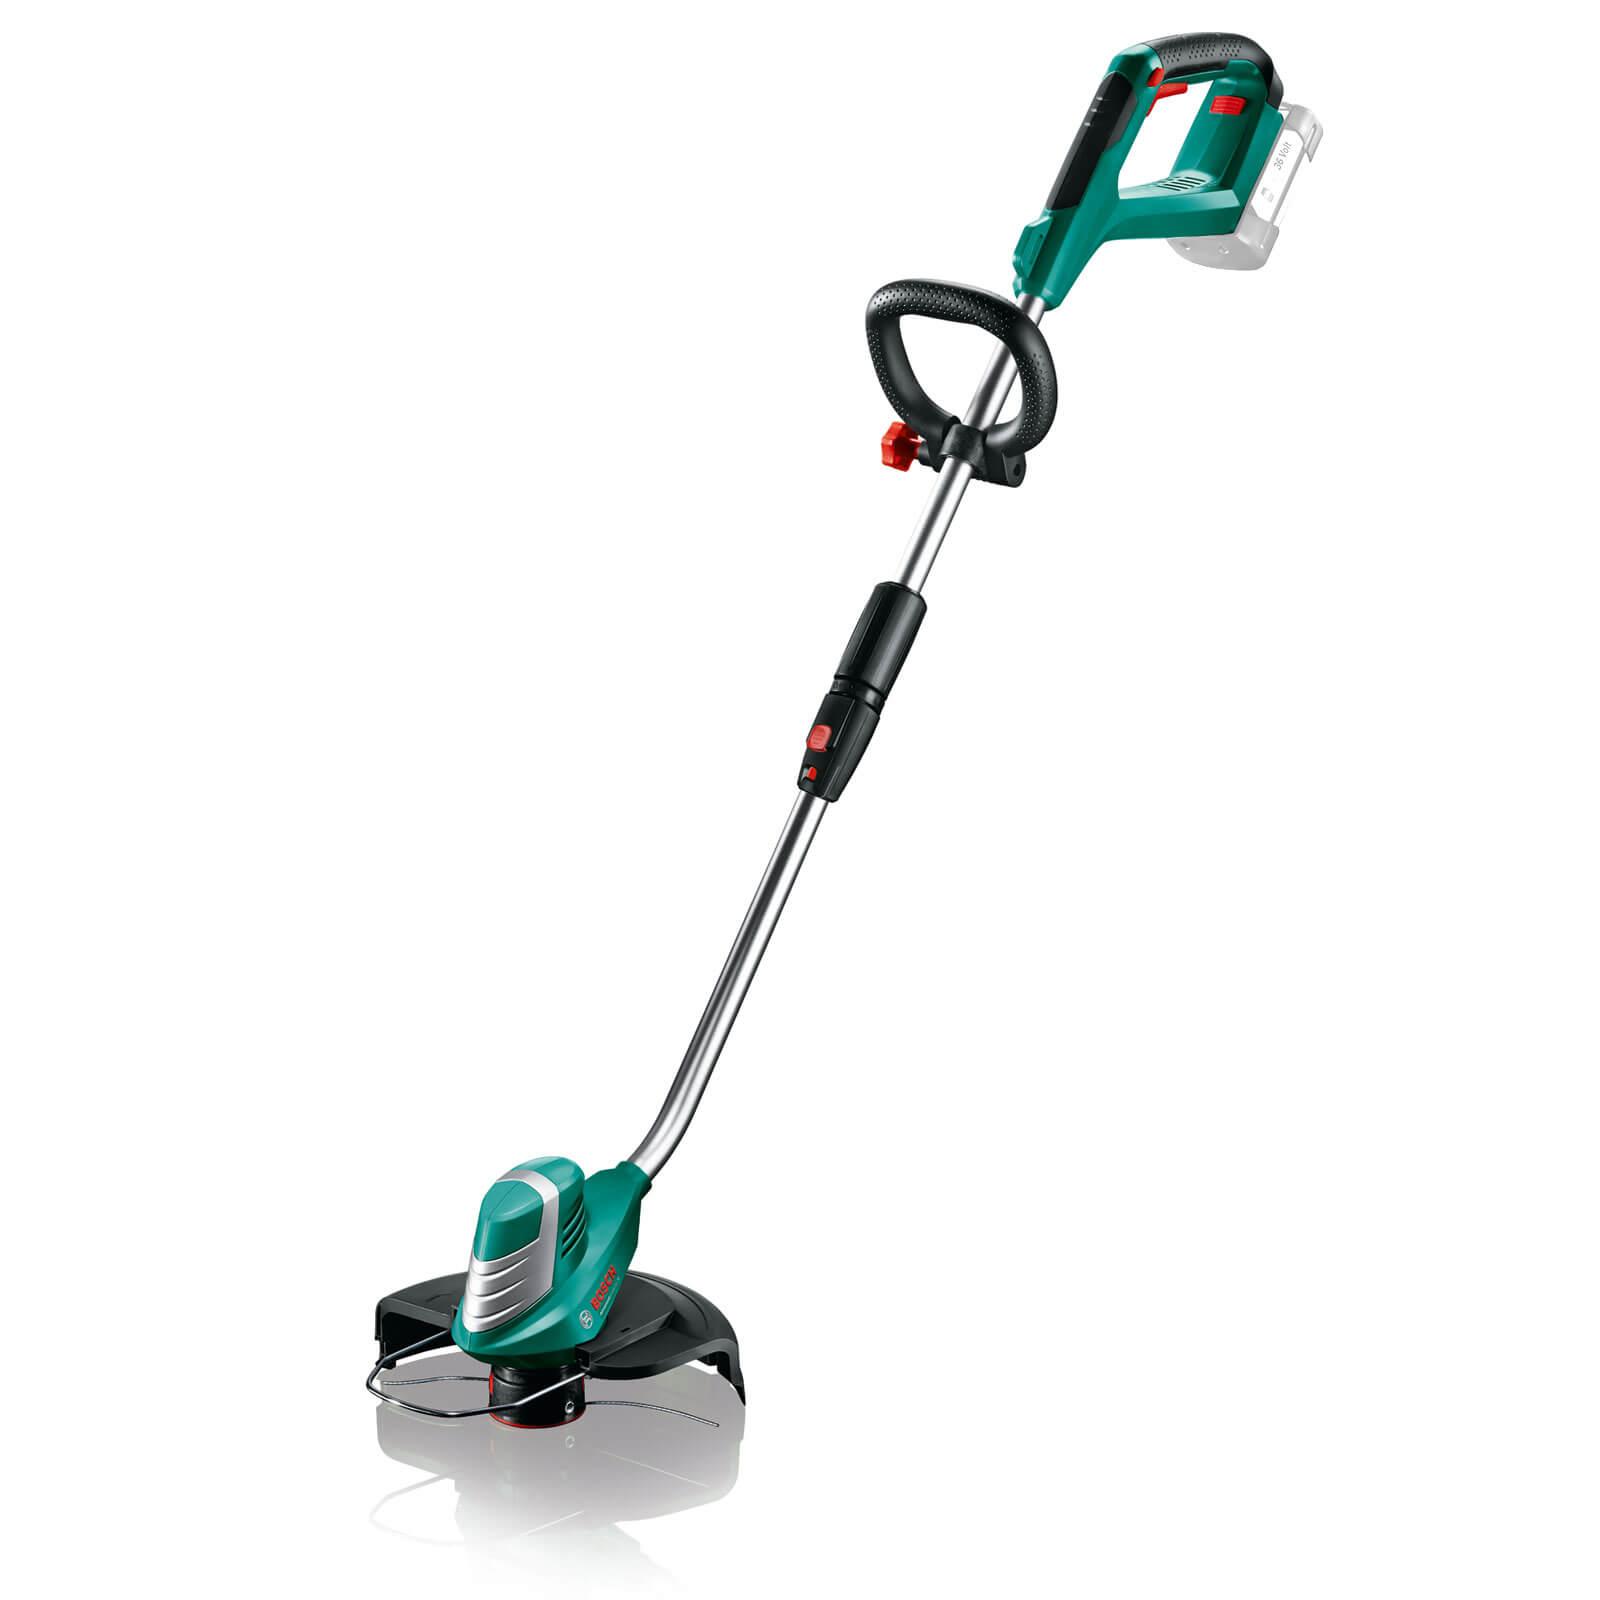 Bosch ADVANCEDGRASSCUT 36v Cordless Grass Trimmer 300mm No Batteries No Charger